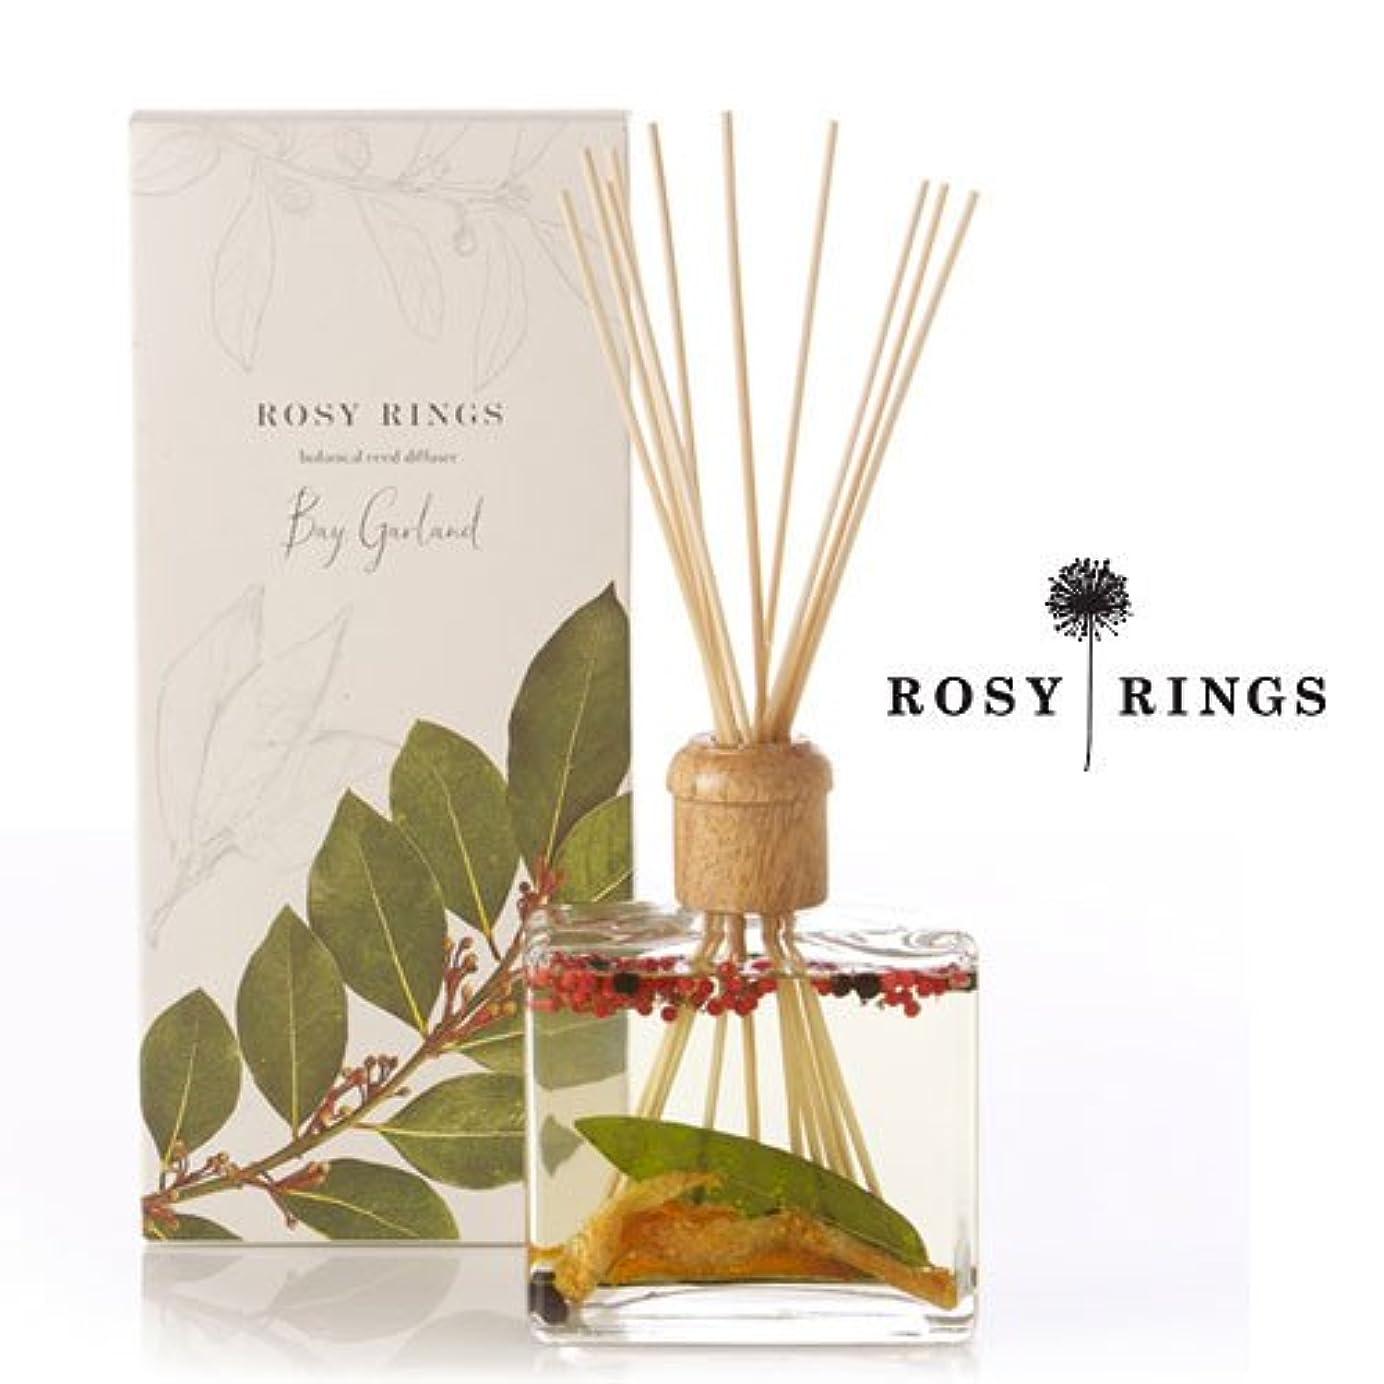 決定する預言者ロッドロージーリングス ボタニカルリードディフューザード ベイガーランド ROSY RINGS Signature Collection Botanical Reed Diffuser – Bay Garland